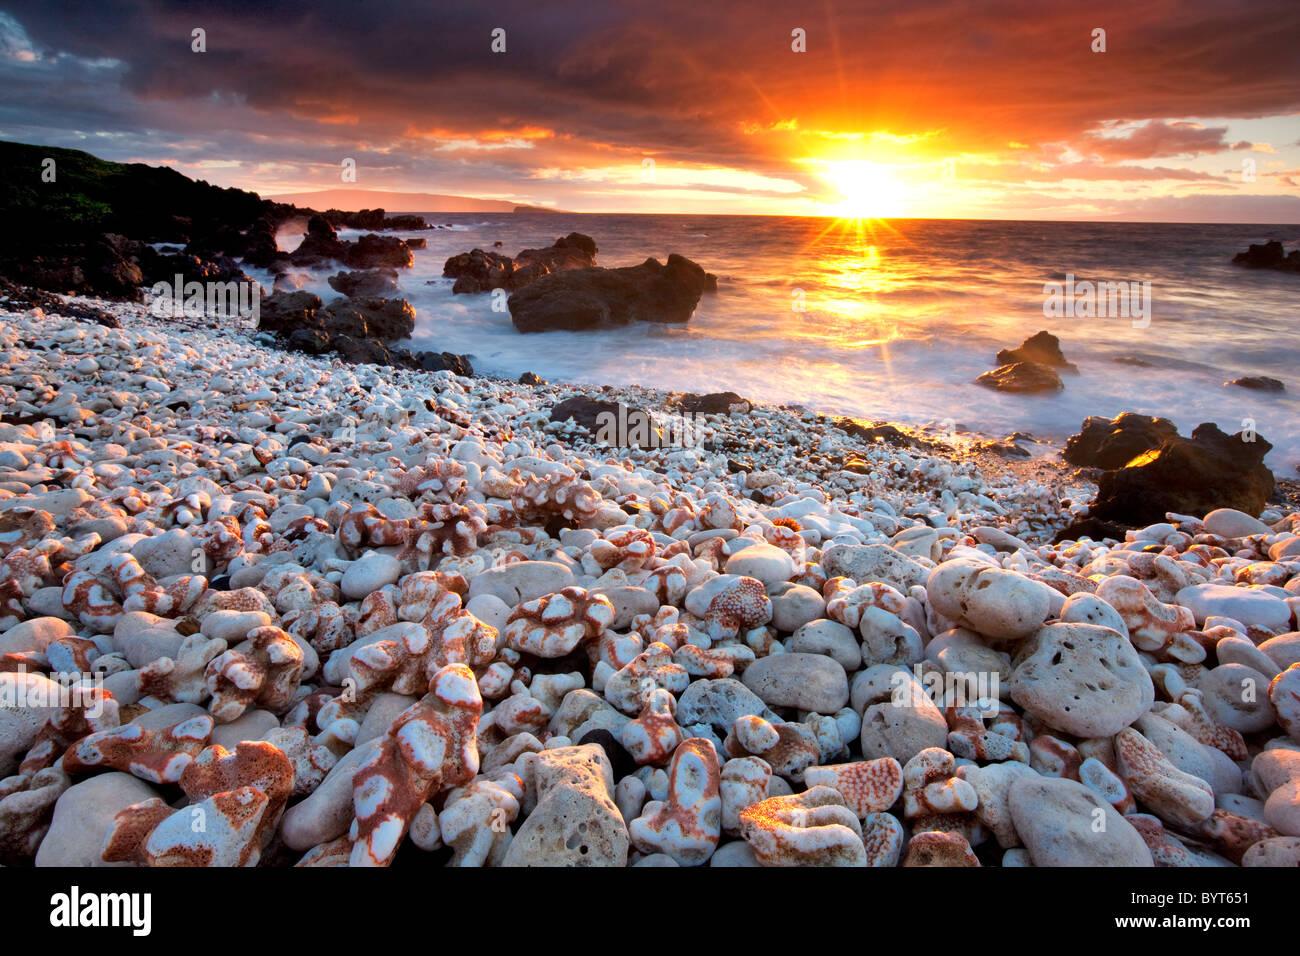 Coucher du soleil sur la plage avec corail. Maui, Hawaii. Photo Stock